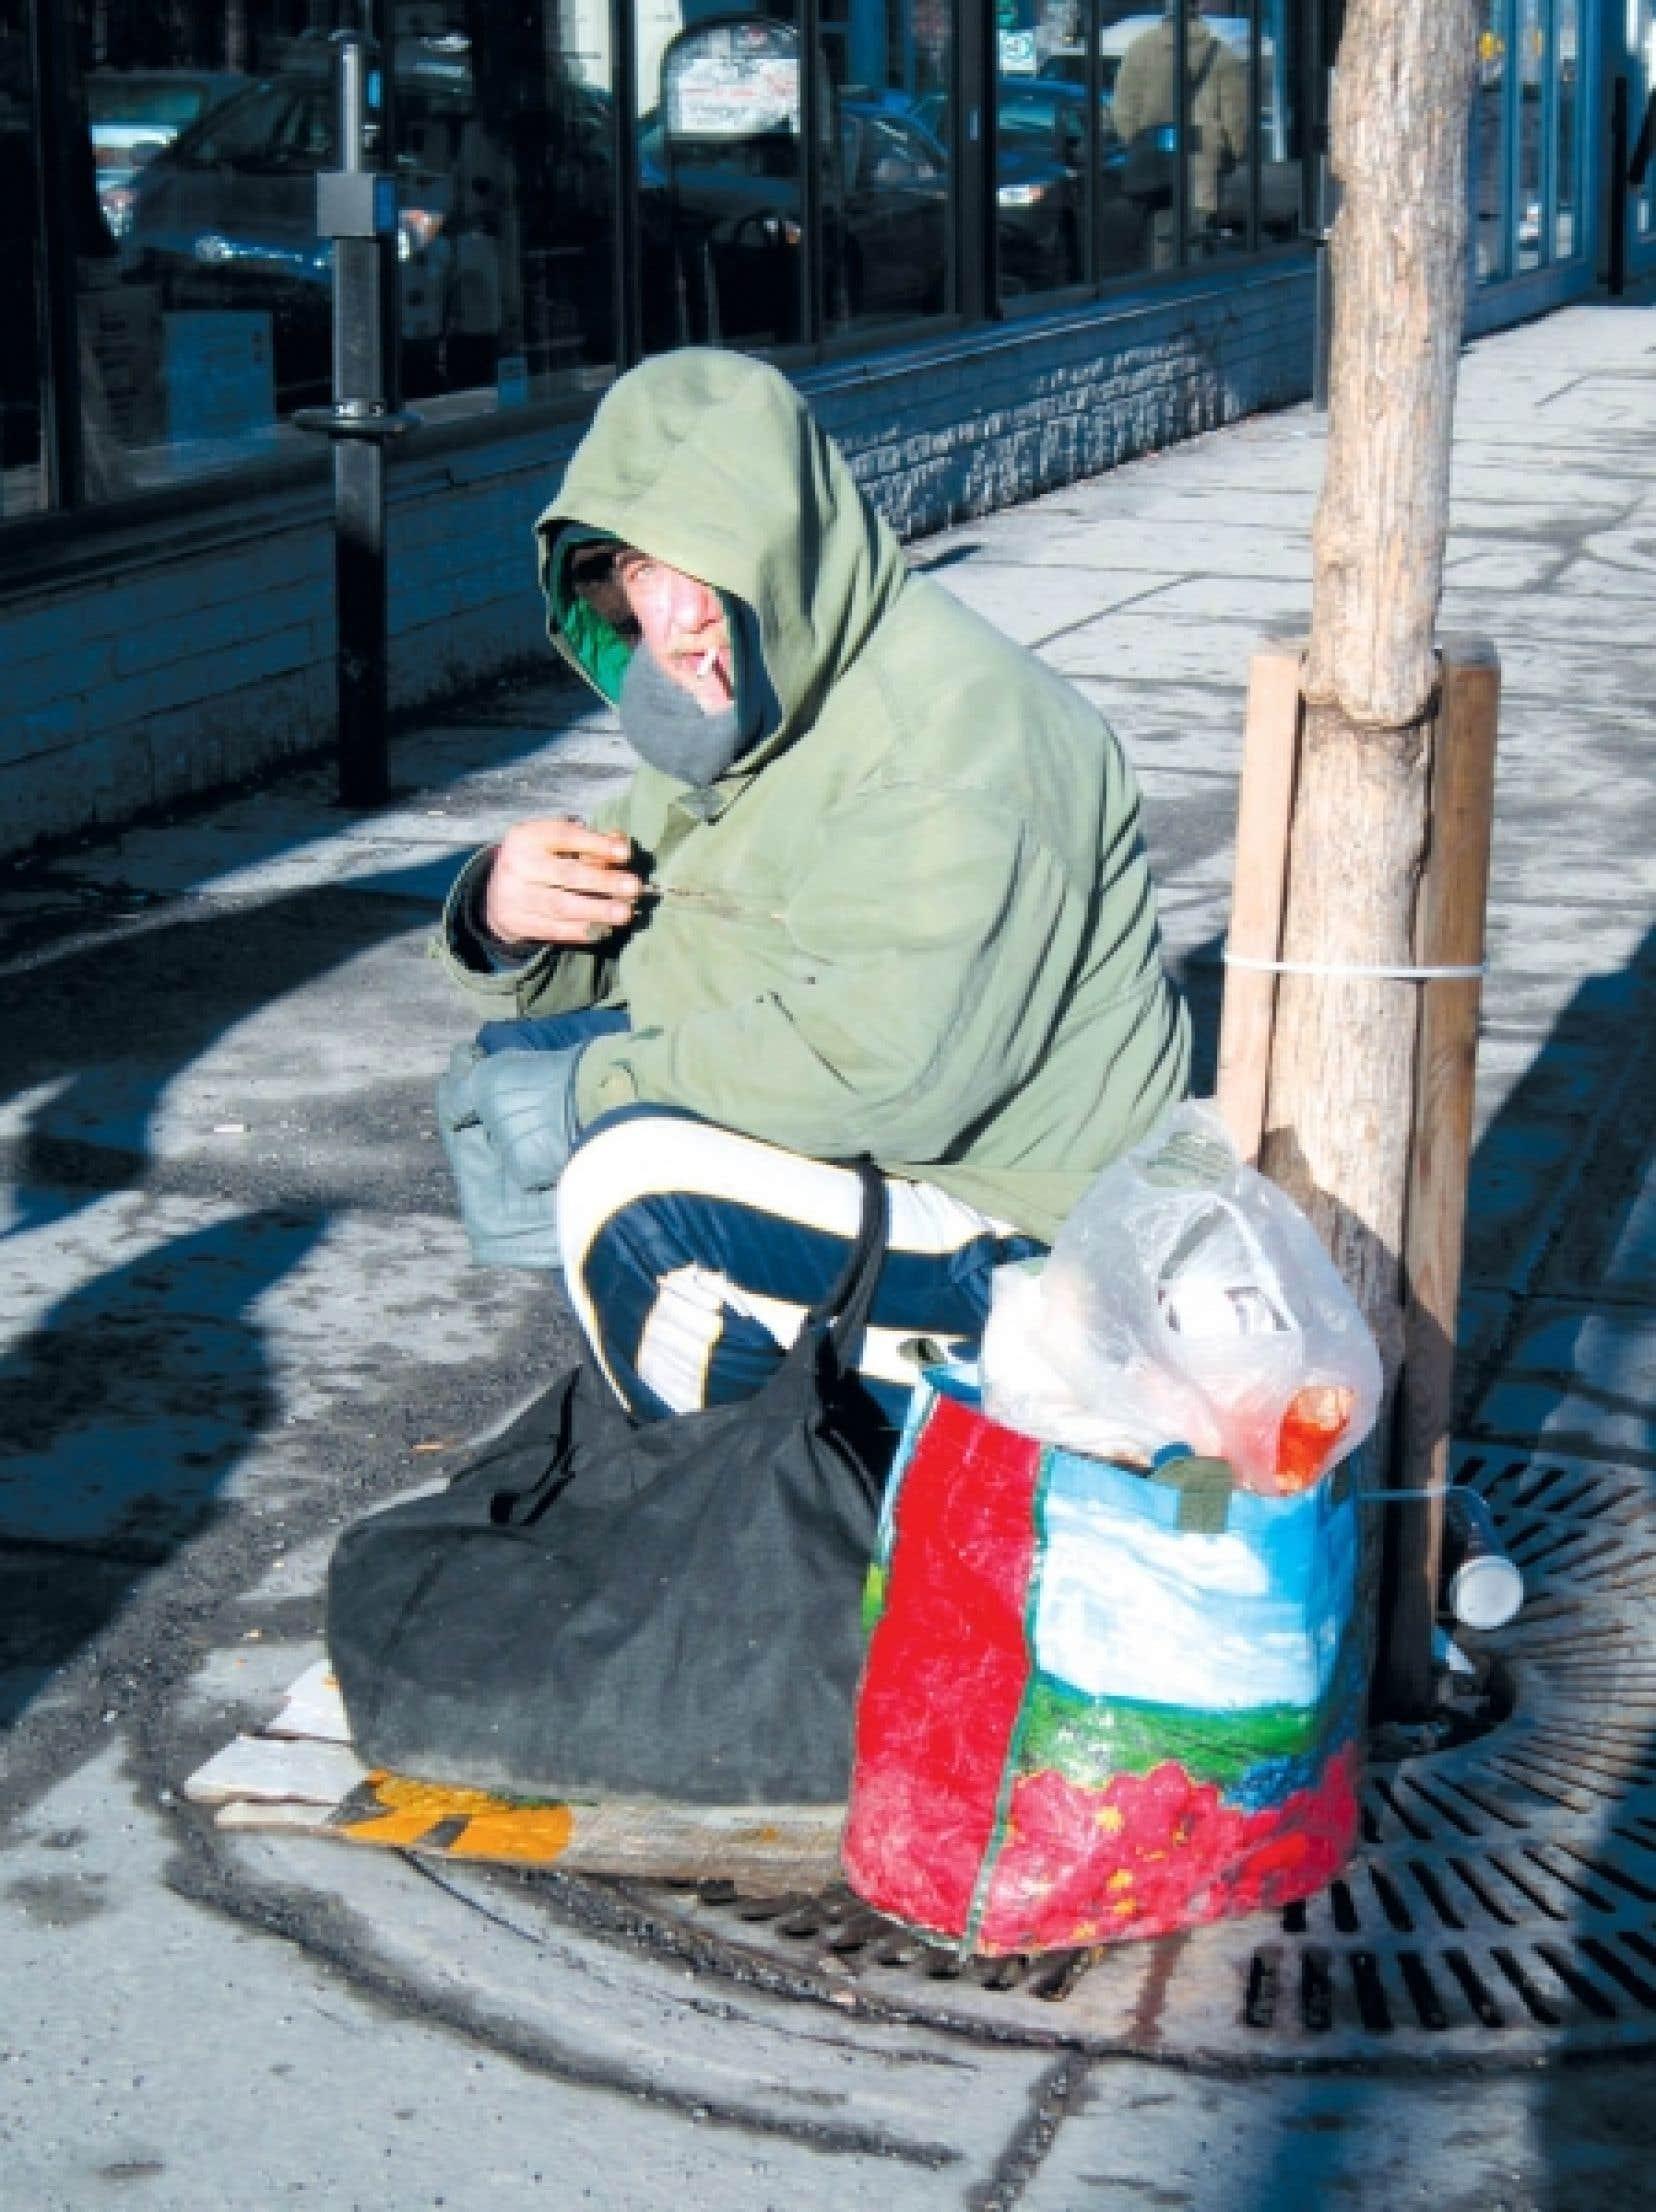 L&rsquo;organisme Pas de la rue, un centre de jour montr&eacute;alais destin&eacute; aux gens sans-abri ou tr&egrave;s pauvres qui ont 55 ans ou plus, a r&eacute;cemment mont&eacute; une exposition de photos sur l&rsquo;itin&eacute;rance qui ont &eacute;t&eacute; prises par des personnes de ce groupe. Celle-ci s&rsquo;intitule Pas si mal...<br />